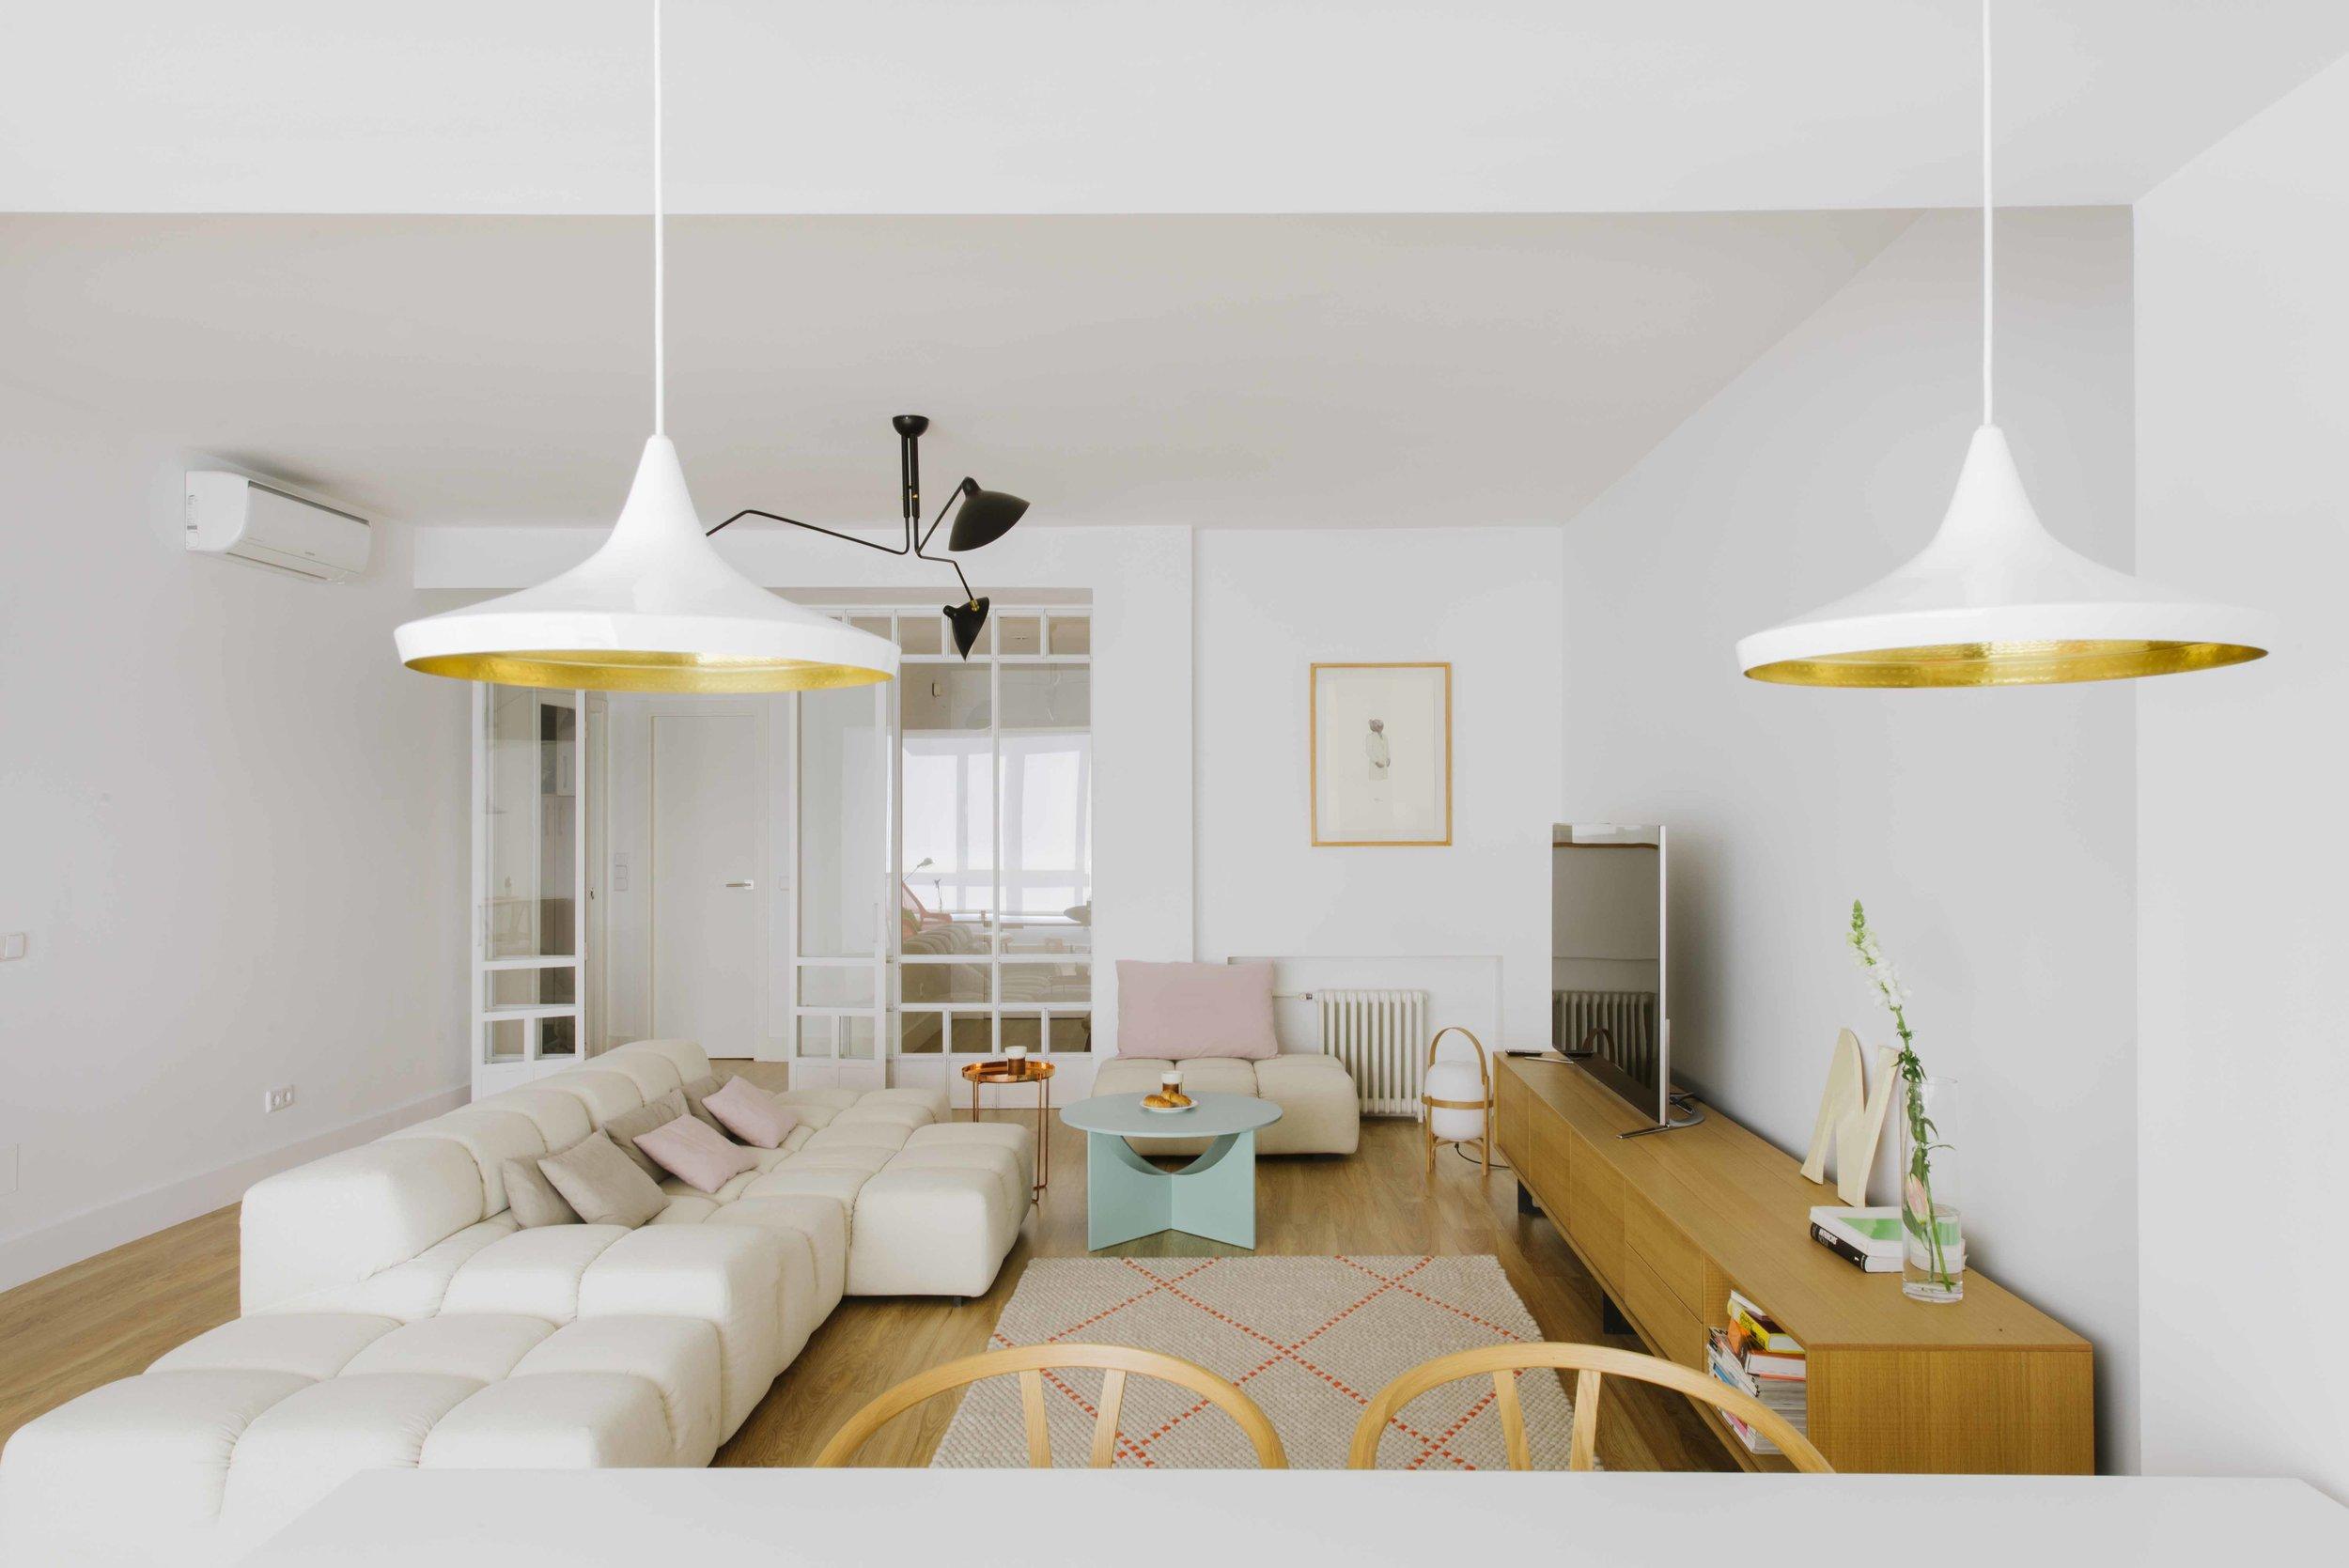 fotografía-estudio-arquitectura-nimu-268.jpg